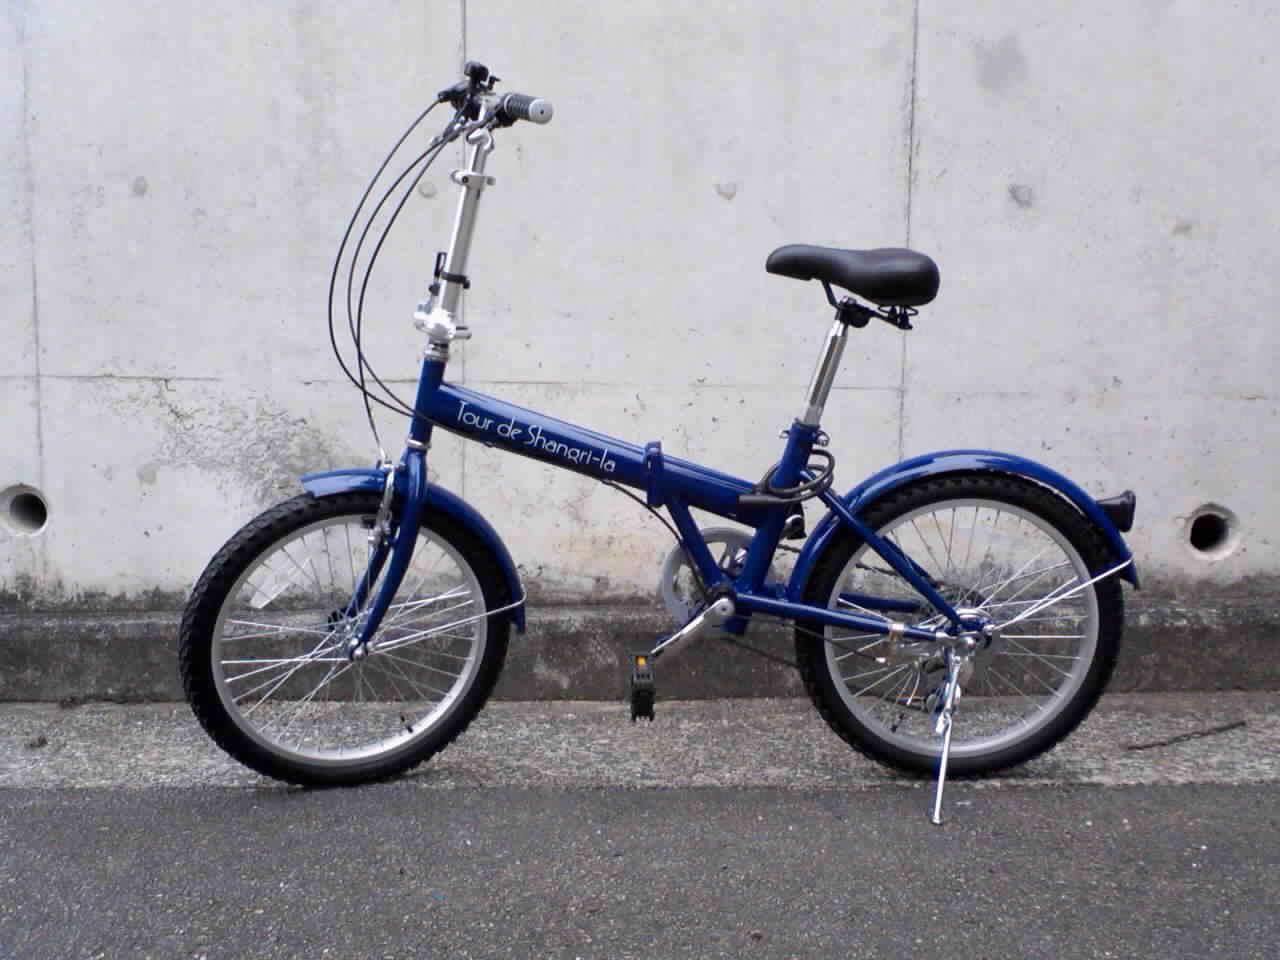 ... deブログ:折りたたみ自転車